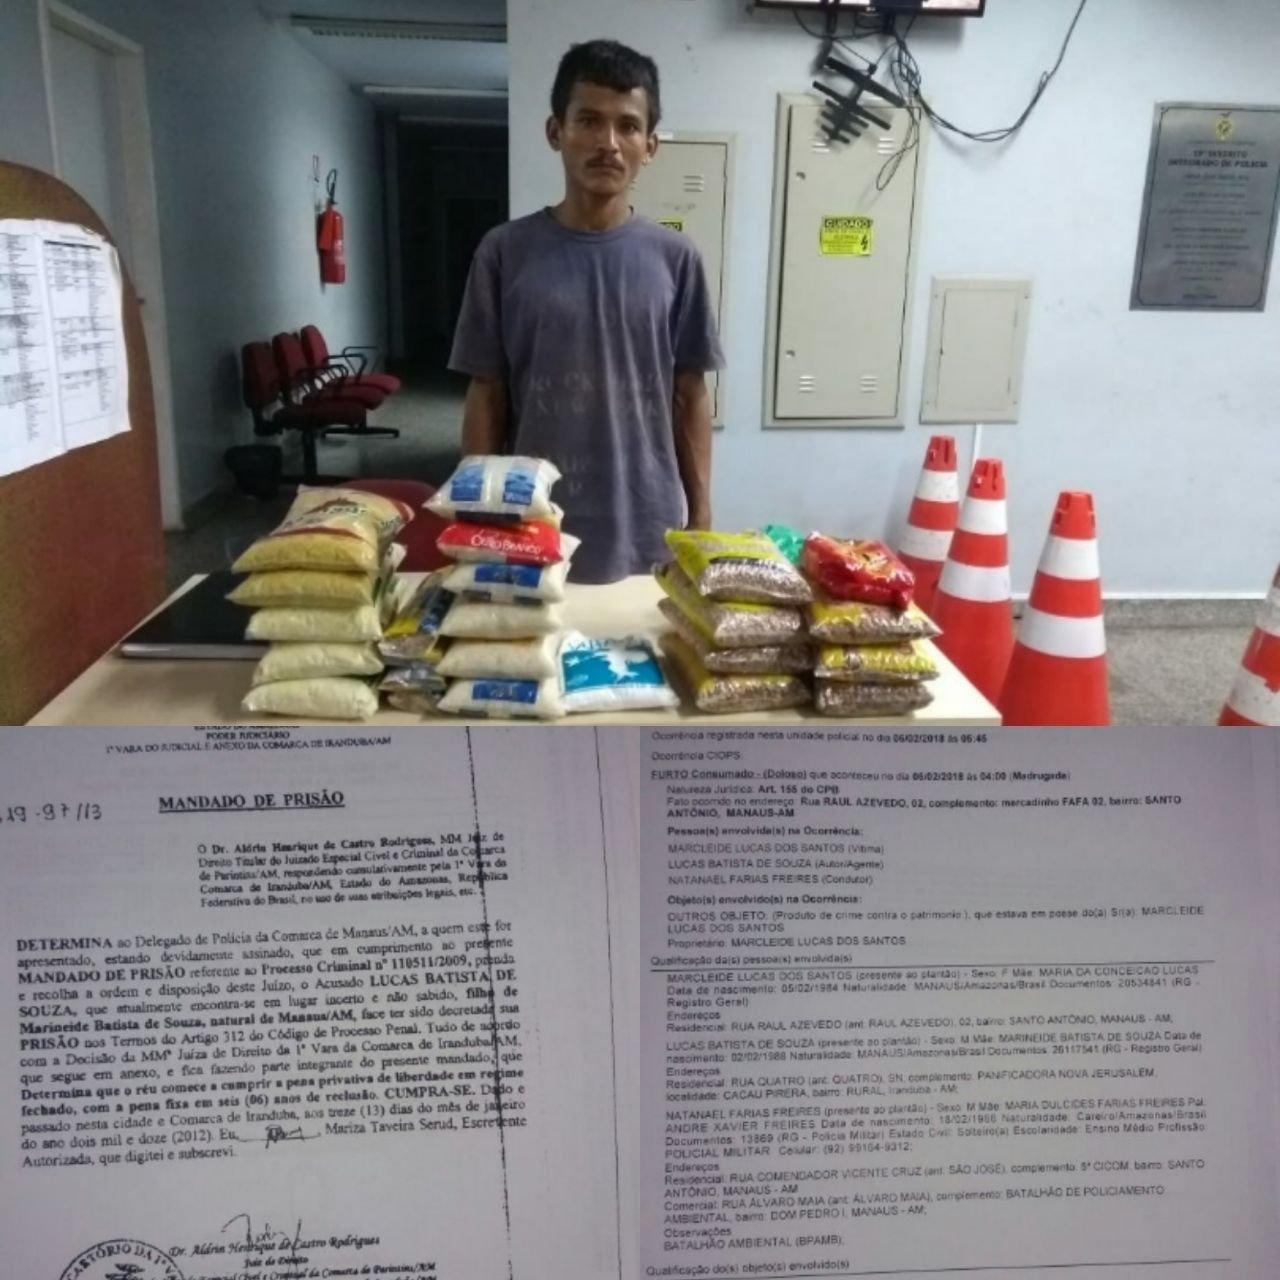 Homem com mandado de prisão por estupro é detido após furto em lanchonete na zona oeste de Manaus